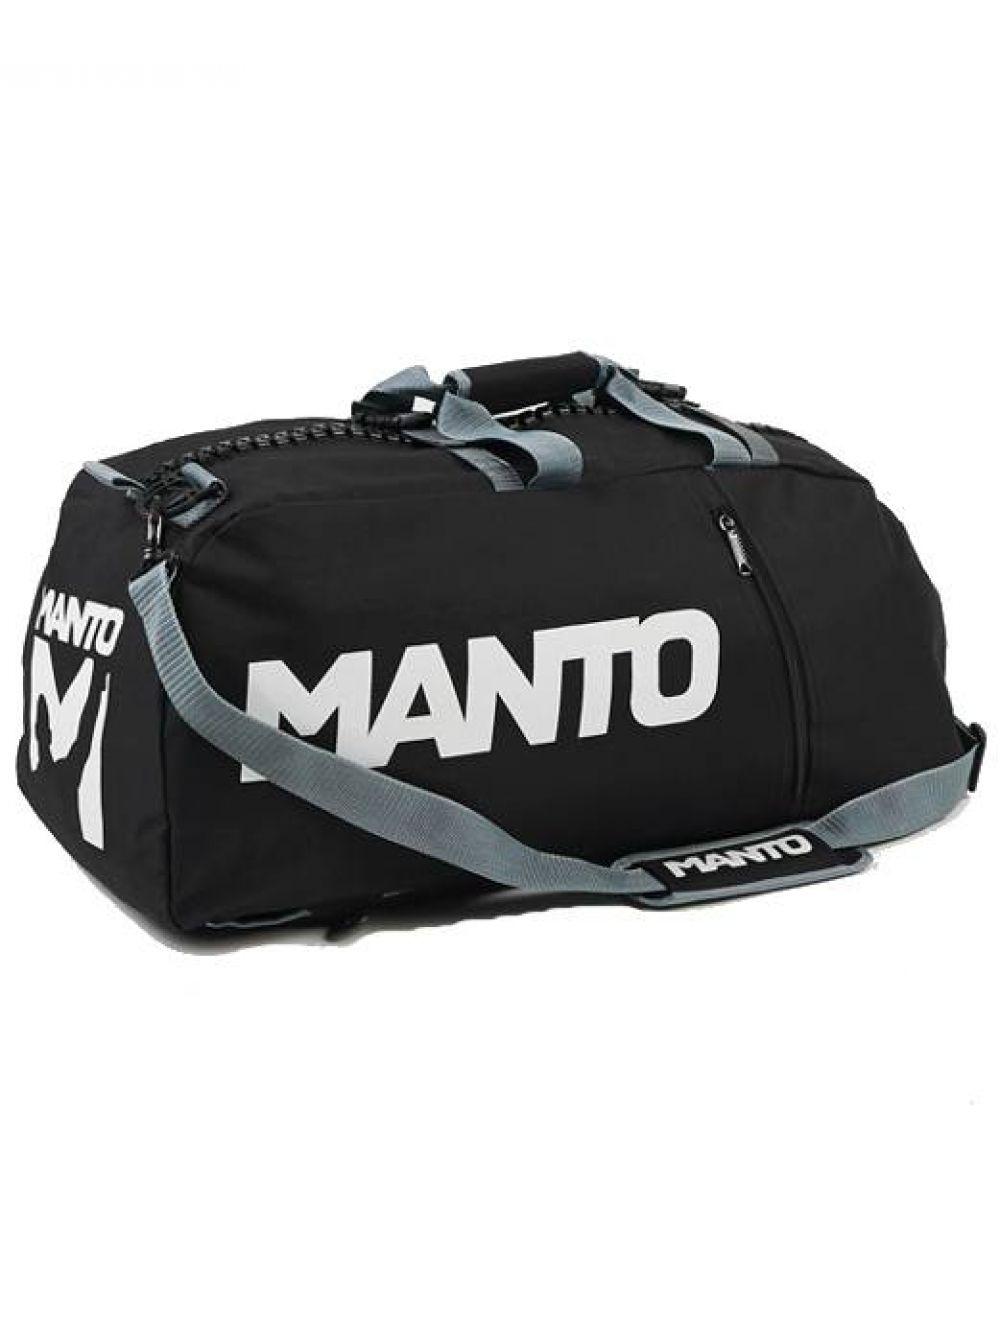 91a87824c7bf Купить спортивную сумку «MANTO VICTORY XL» черную